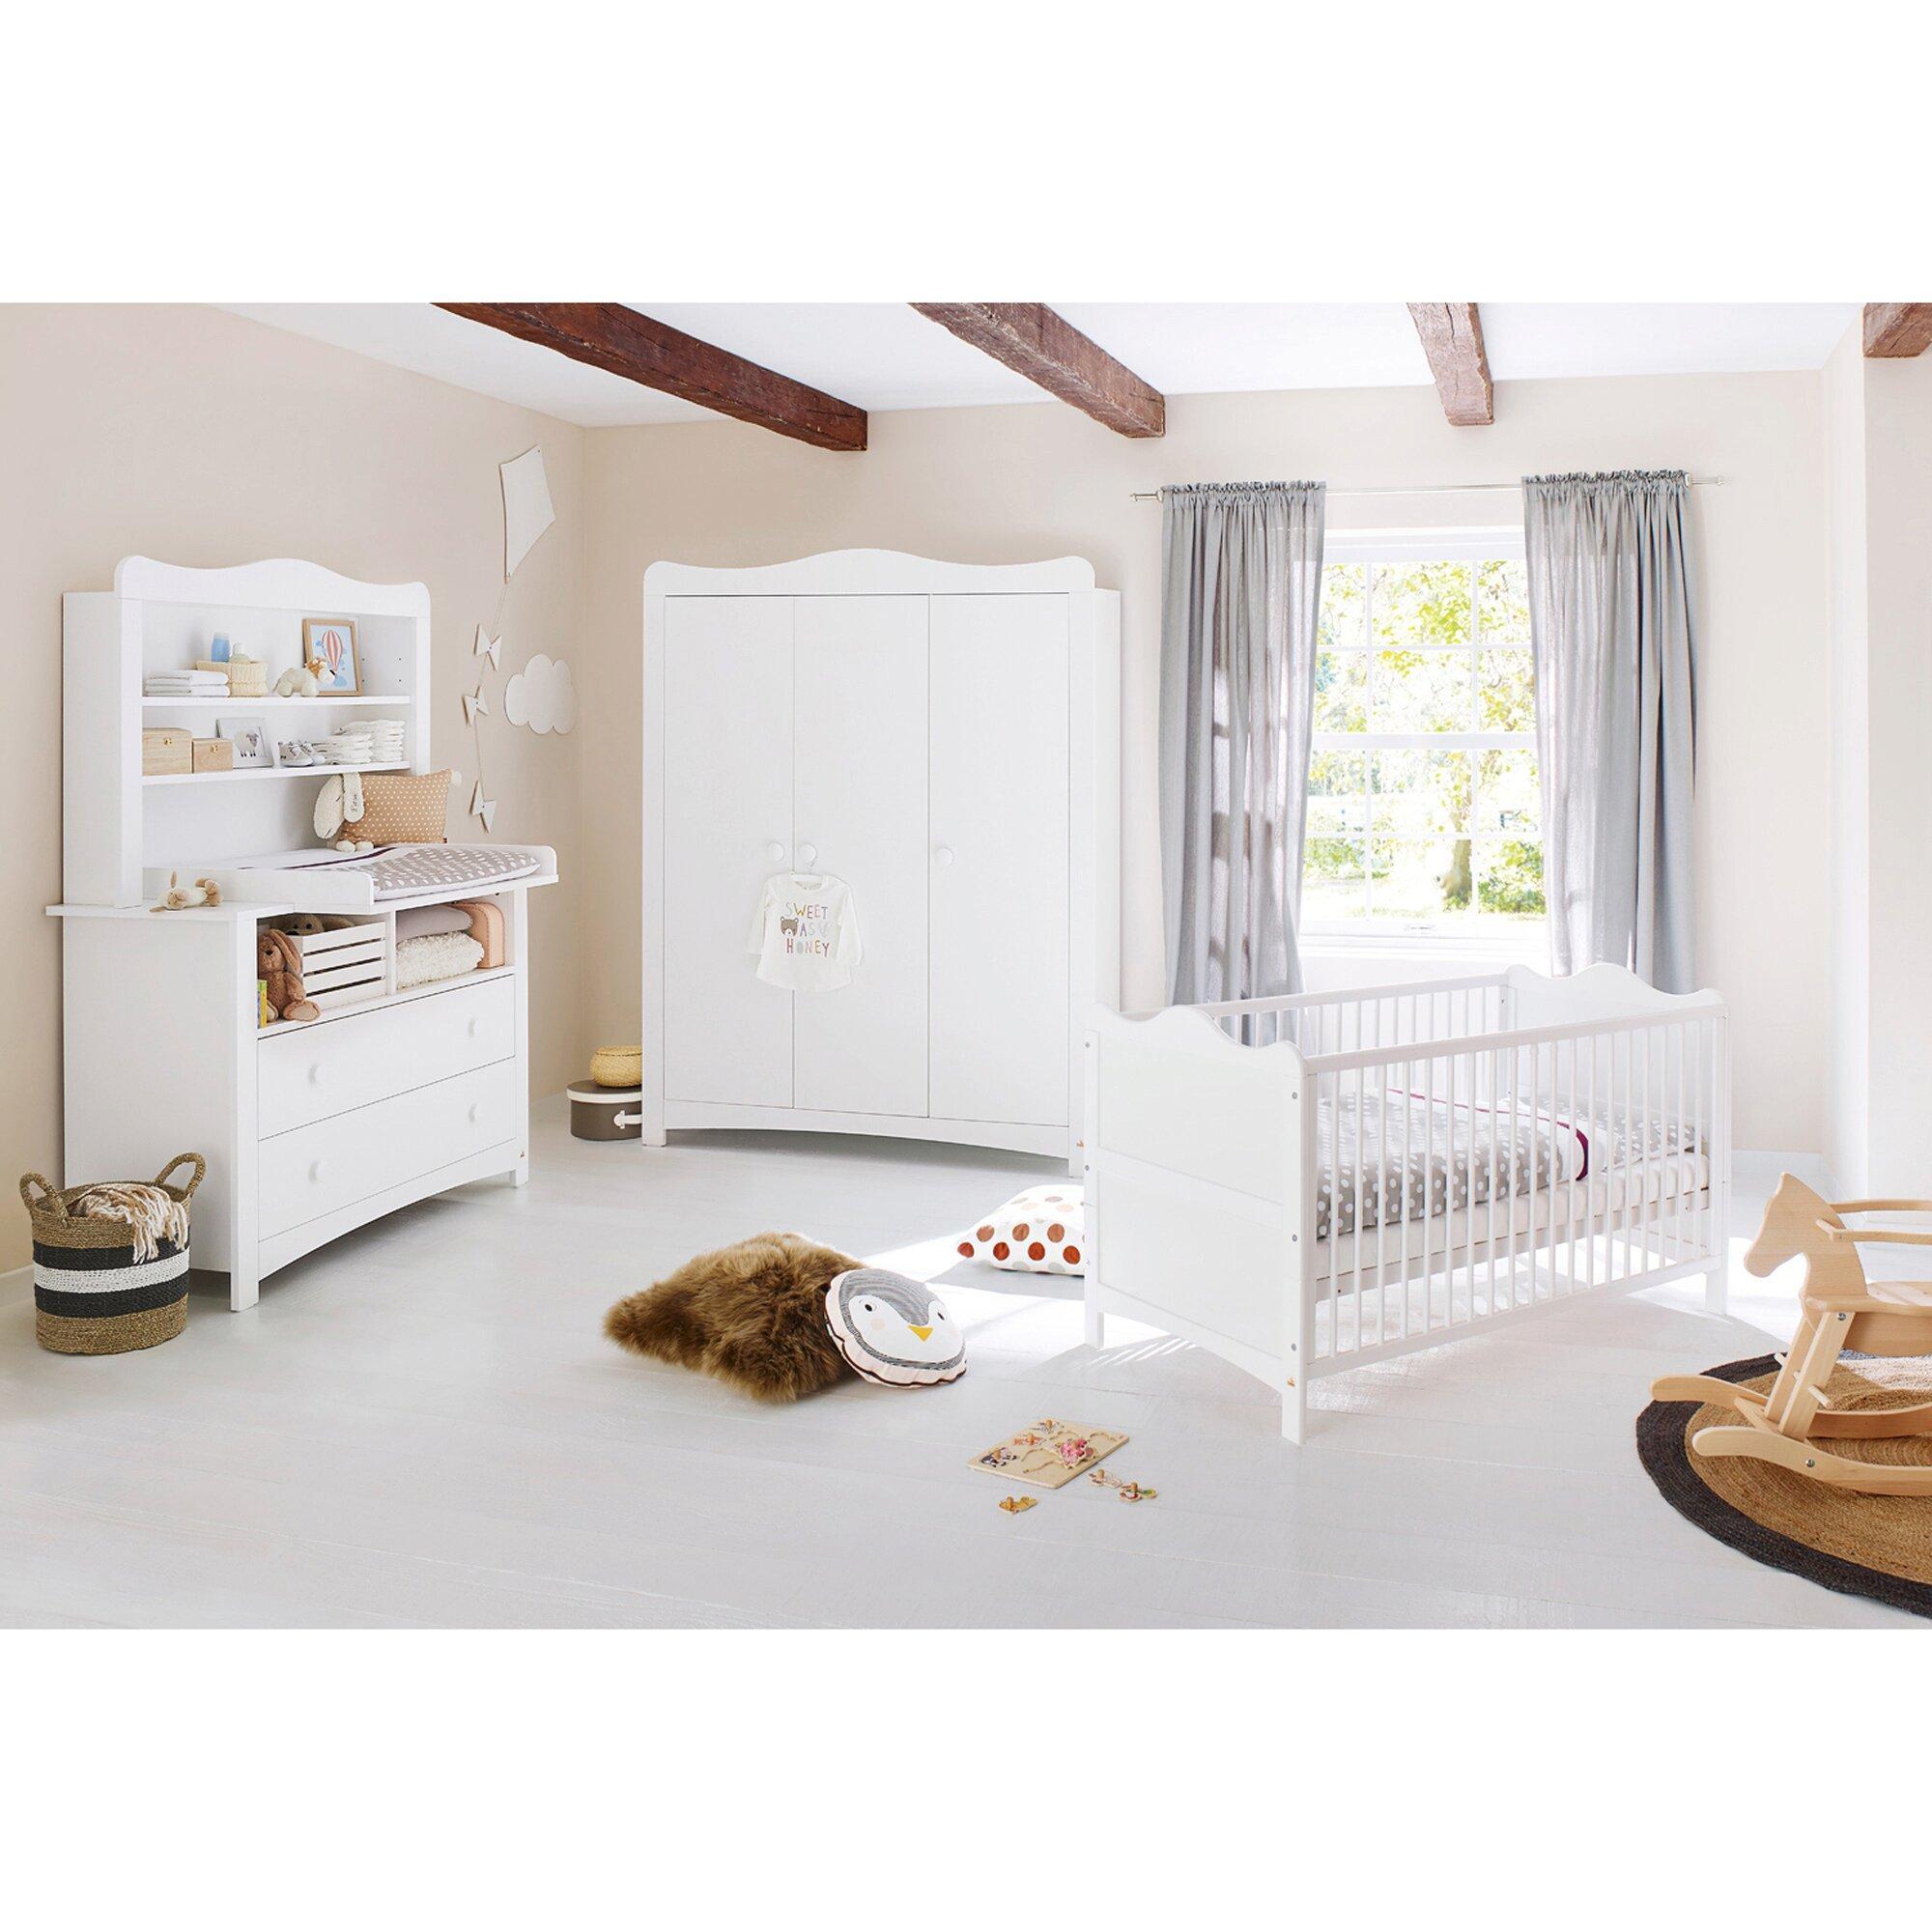 3-tlg. Babyzimmer Florentina extrabreit groß, inkl. extrabreitem Regalaufsatz